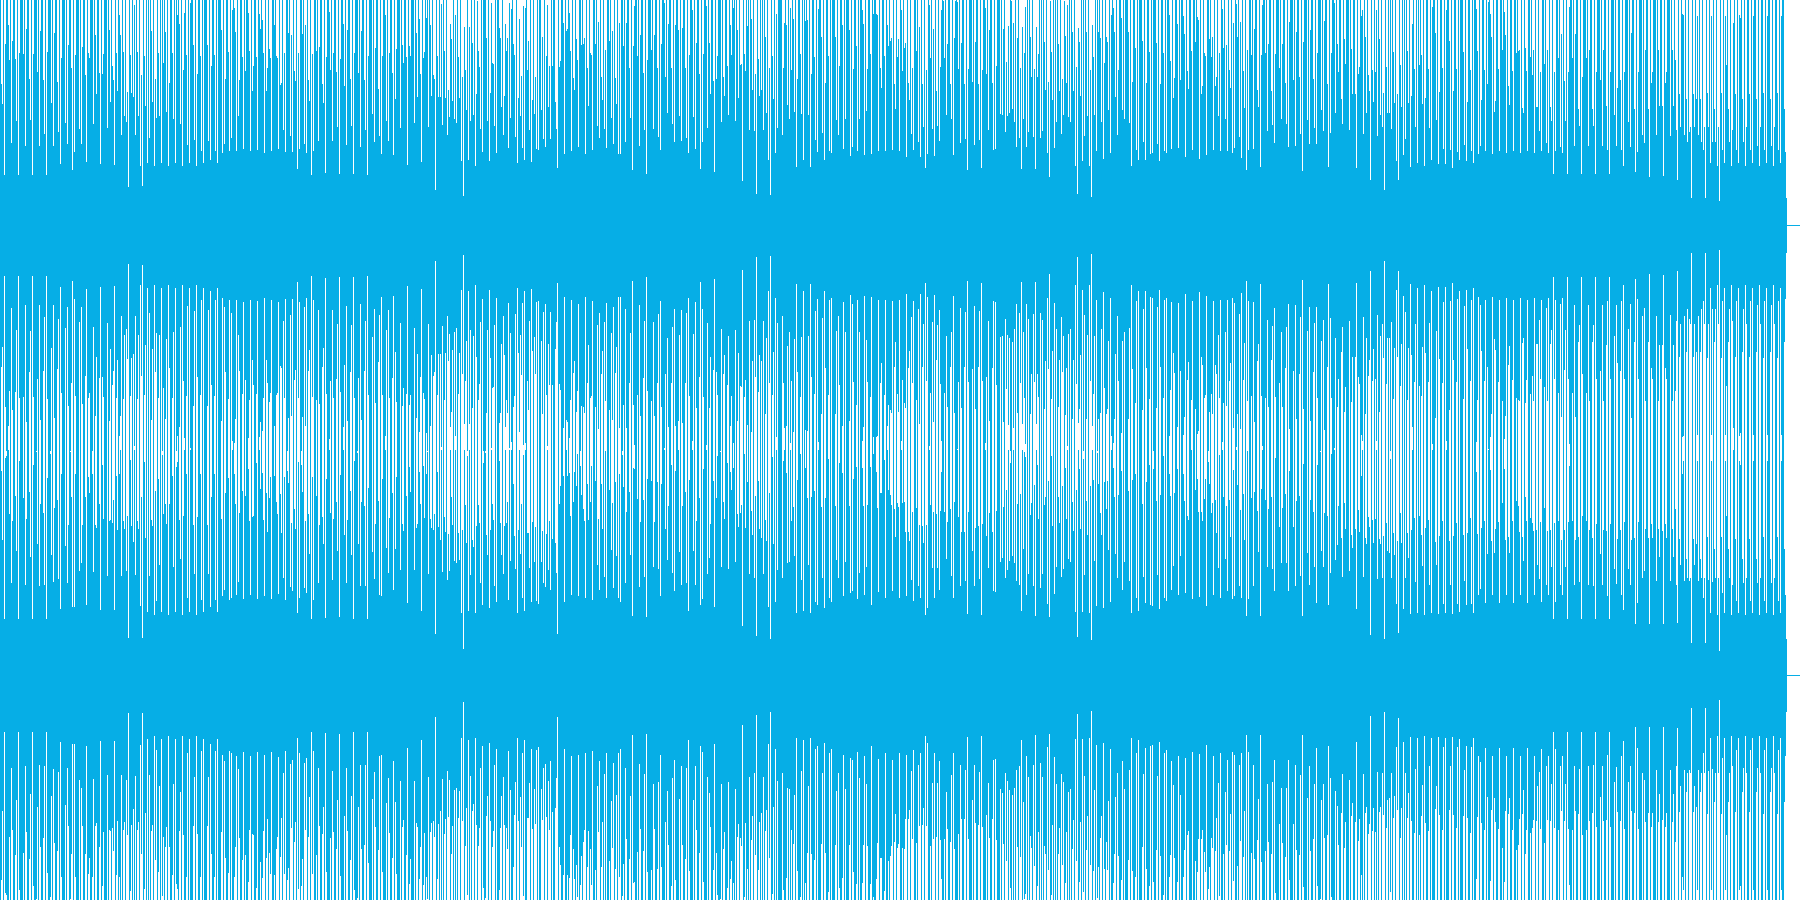 ミニマルハウスの再生済みの波形